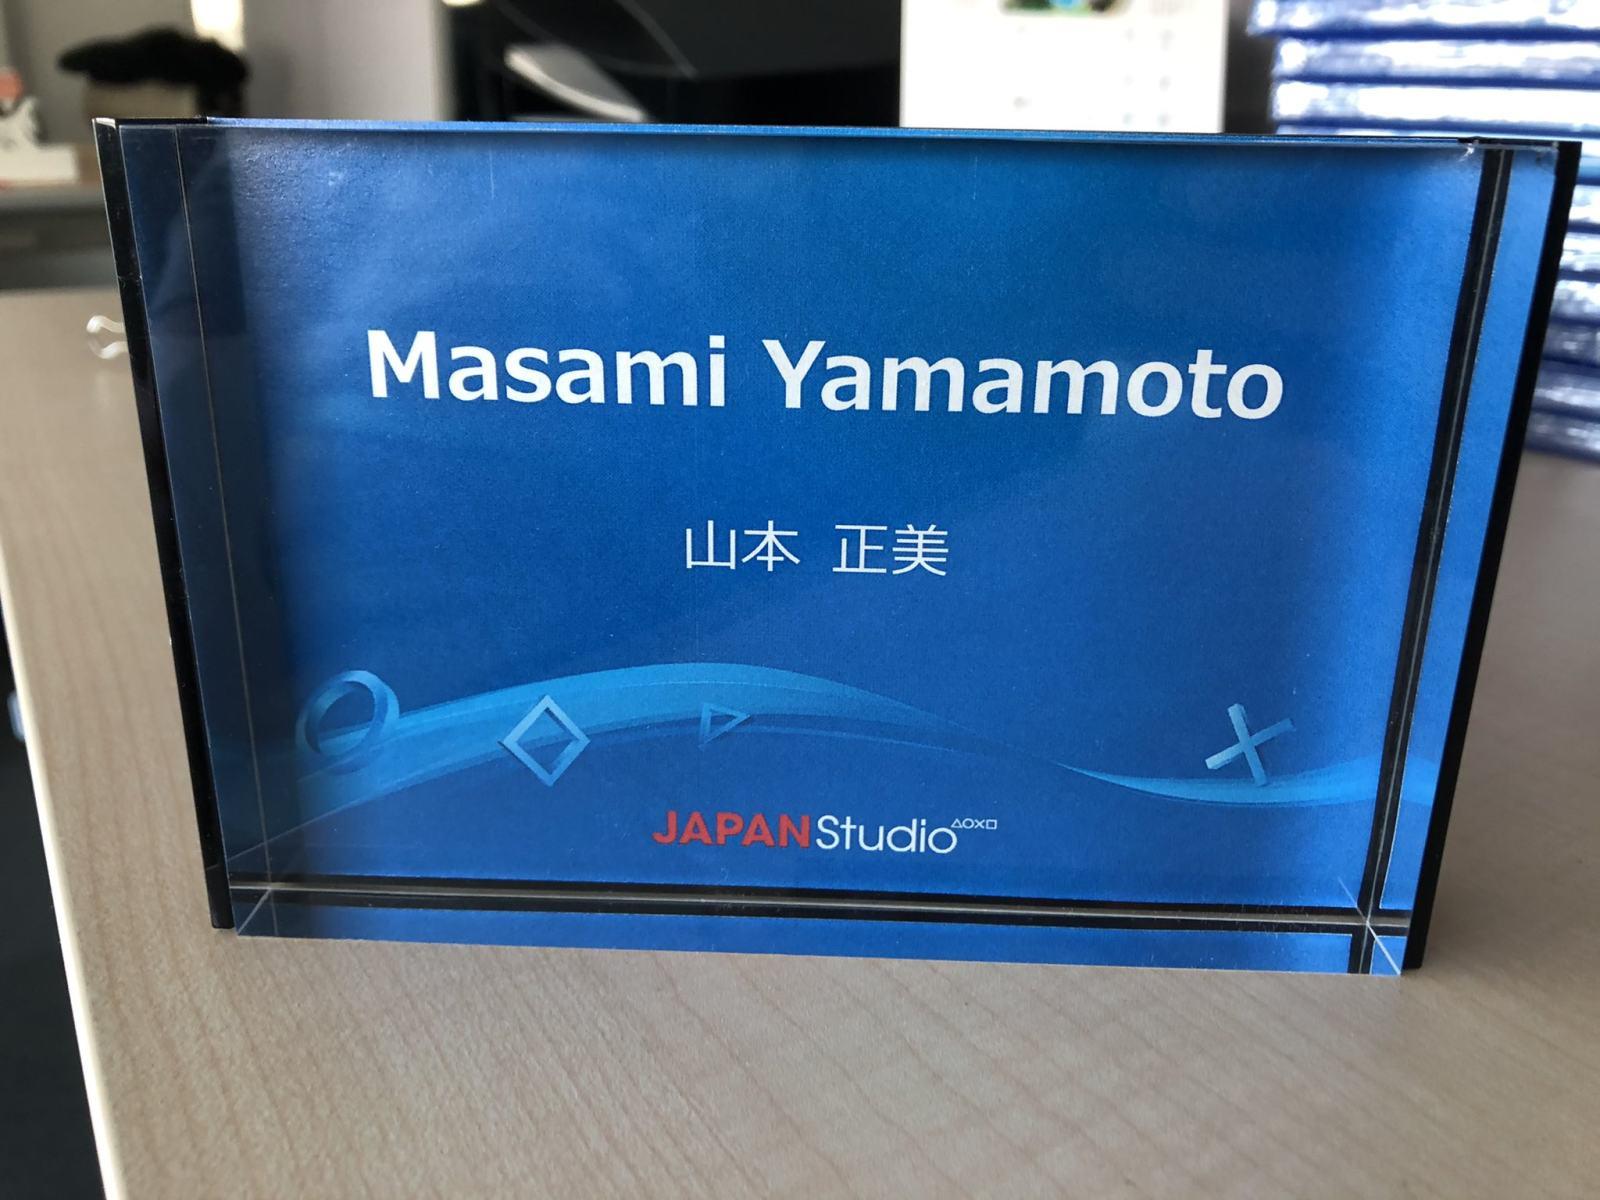 SIE日本工作室执行制作人山本正美宣布离职